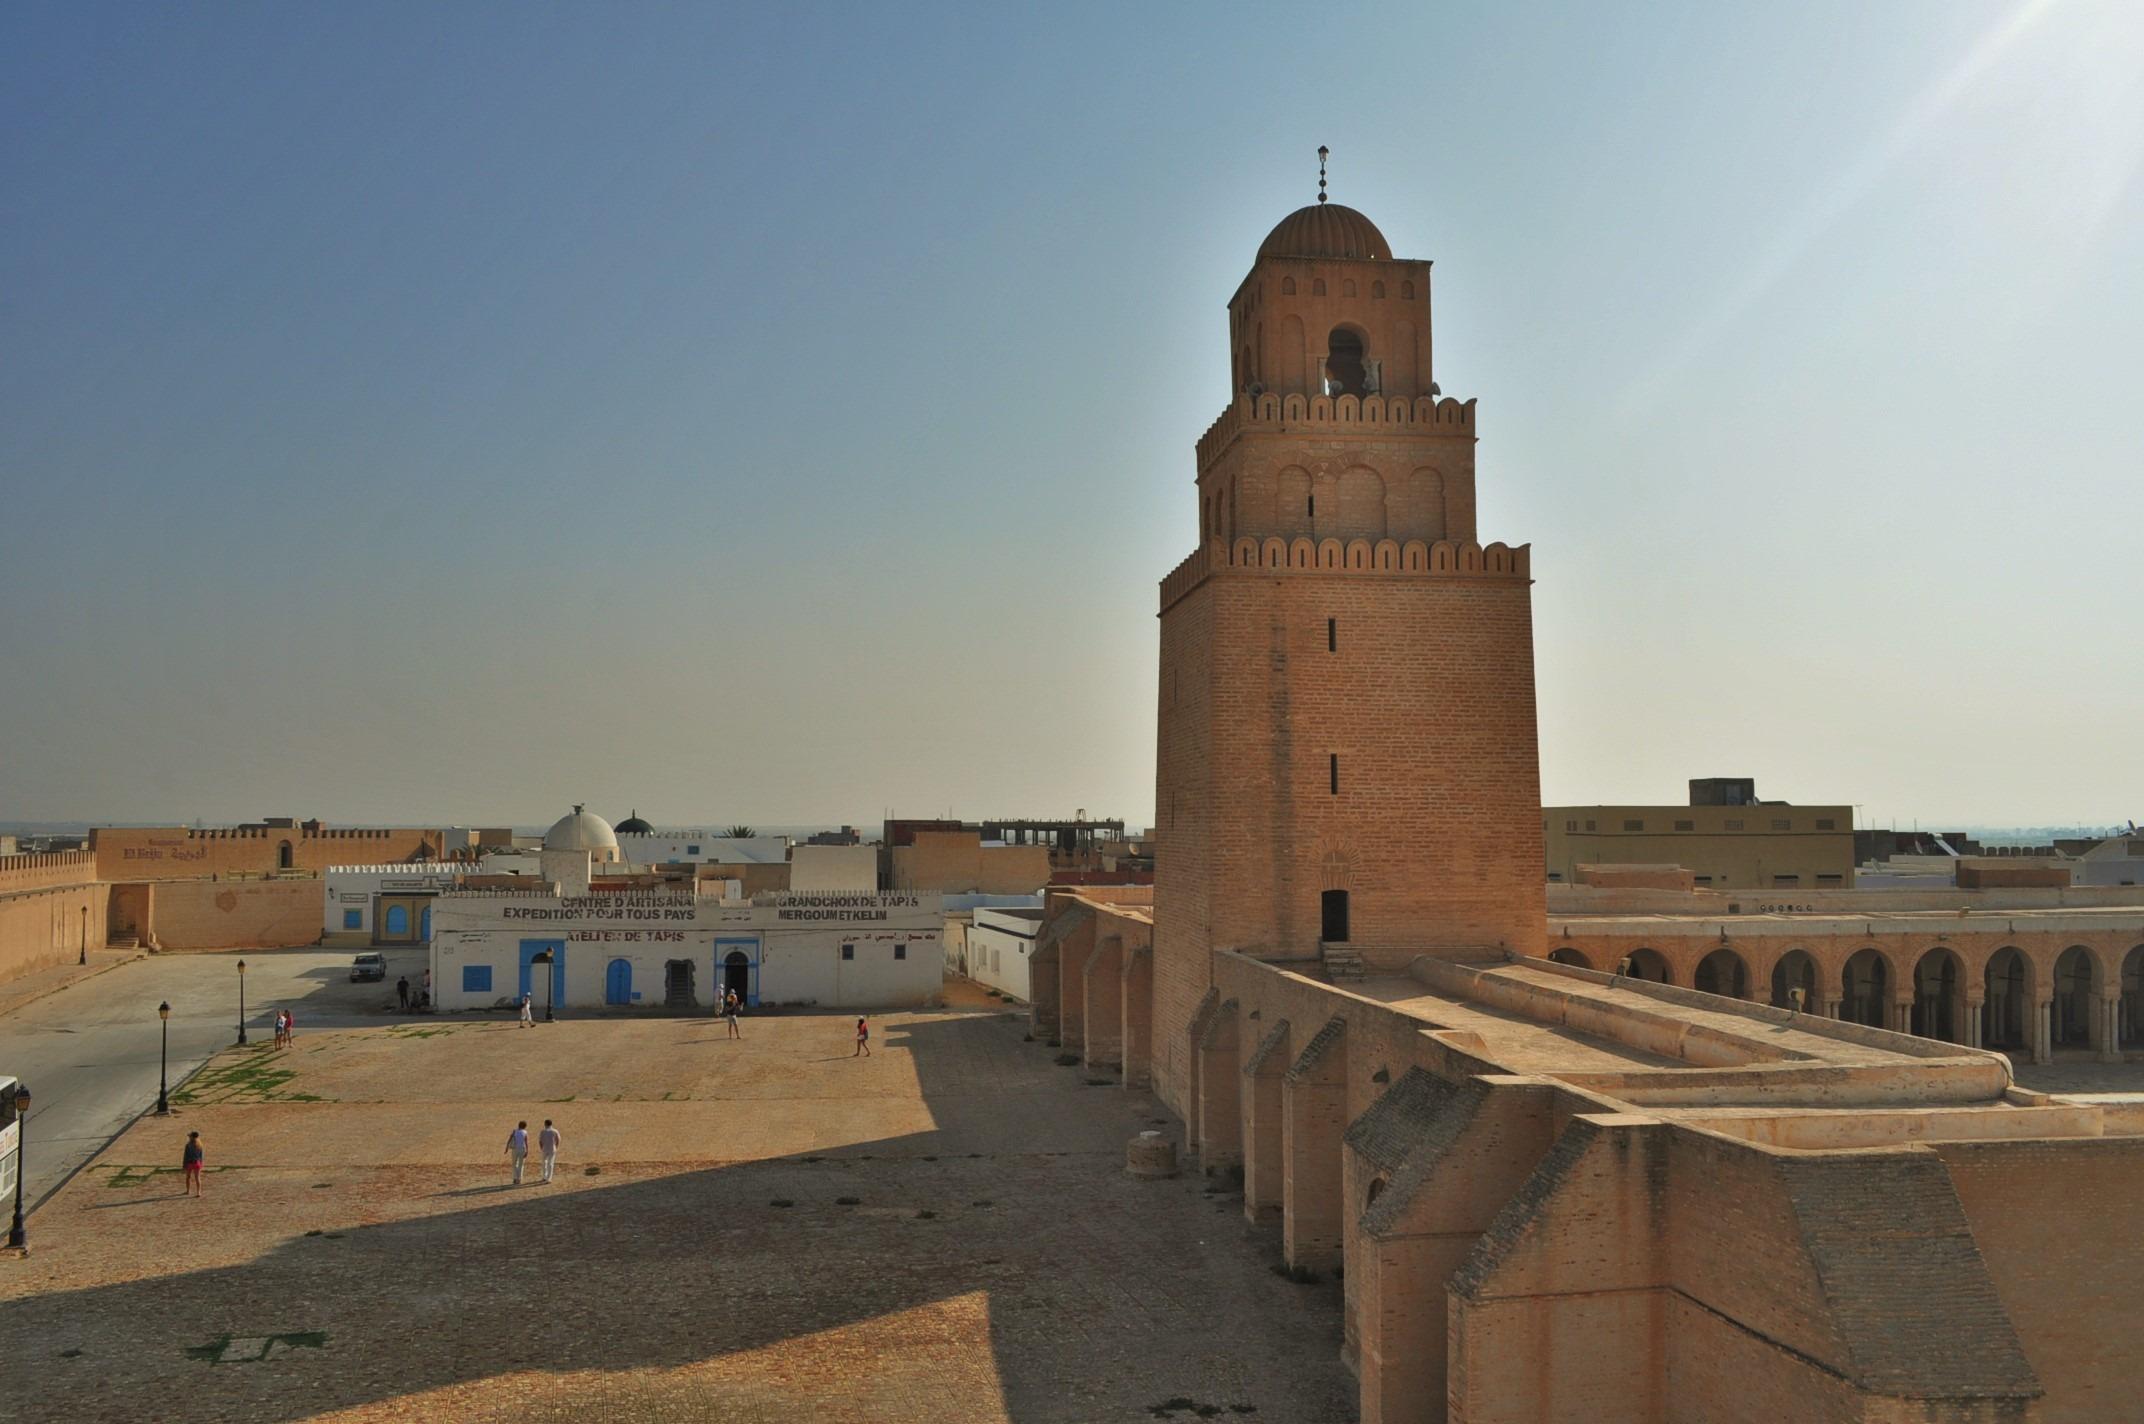 Има си крепост и стара джамия. Достъпът за немюсюлмани като нас обаче е забранен